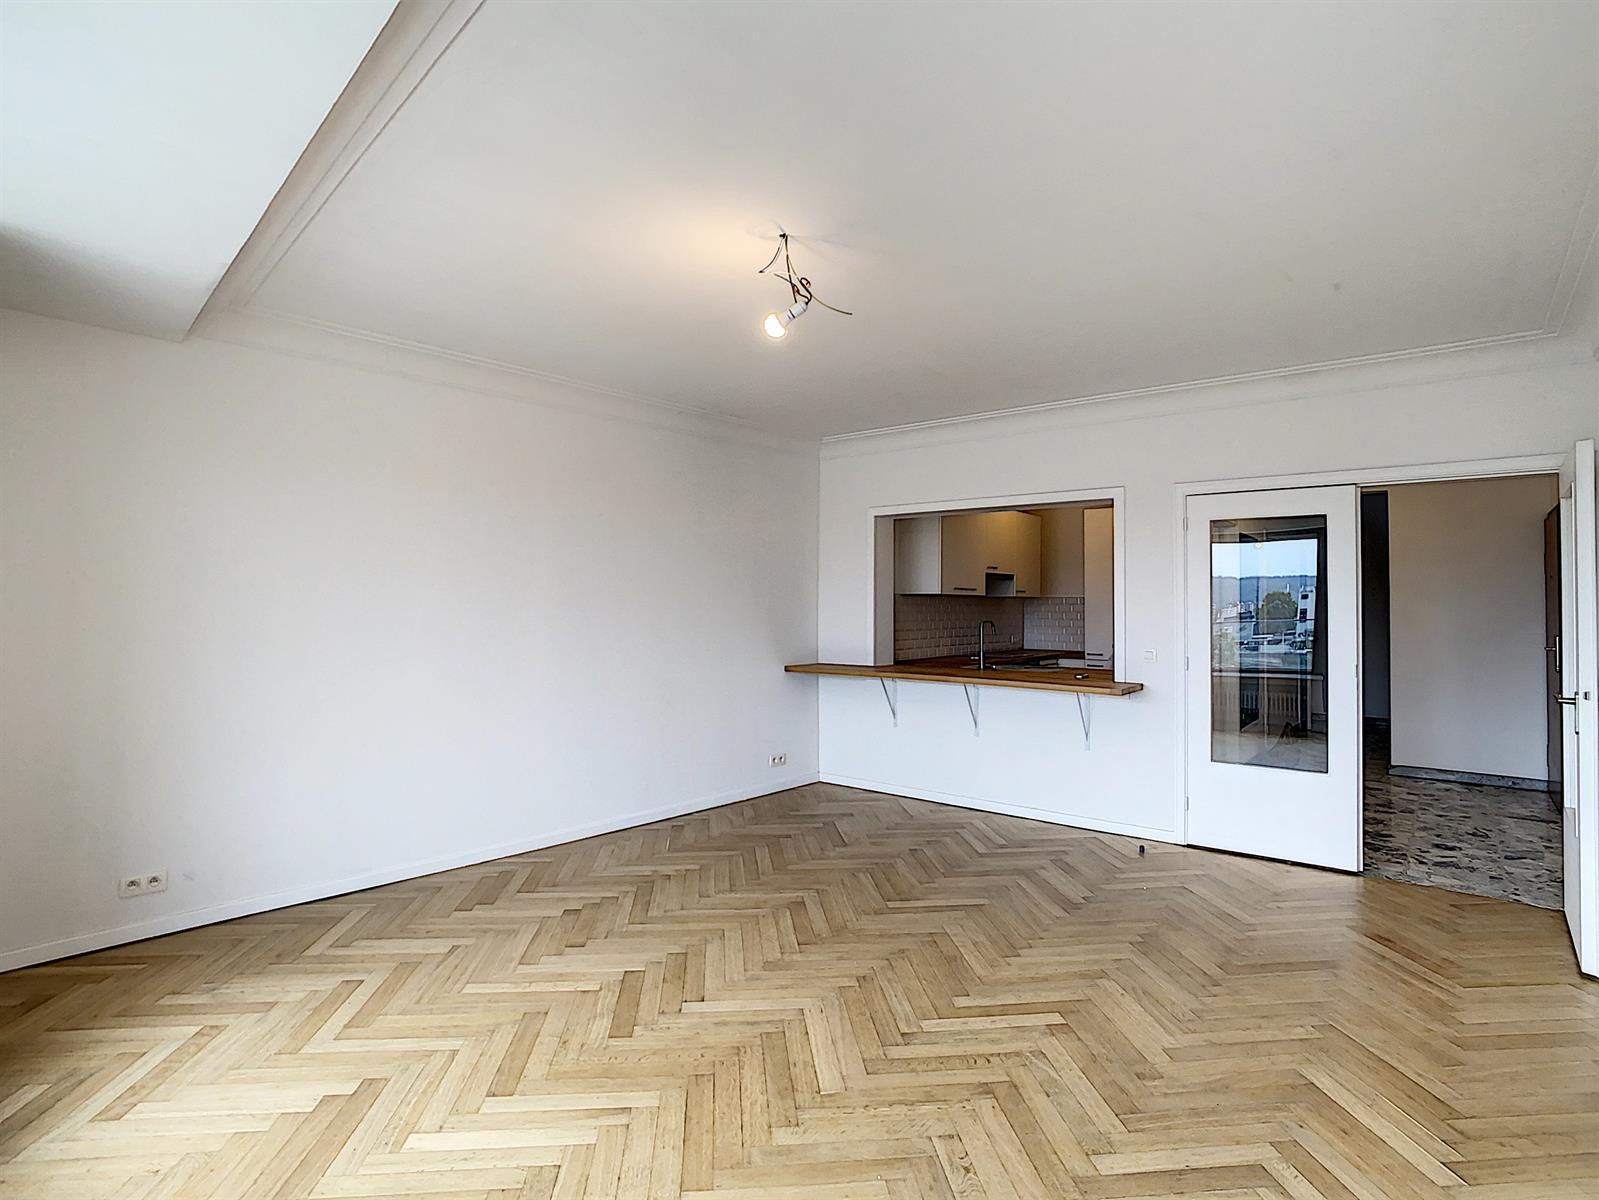 Appartement - Liege - #4429788-1